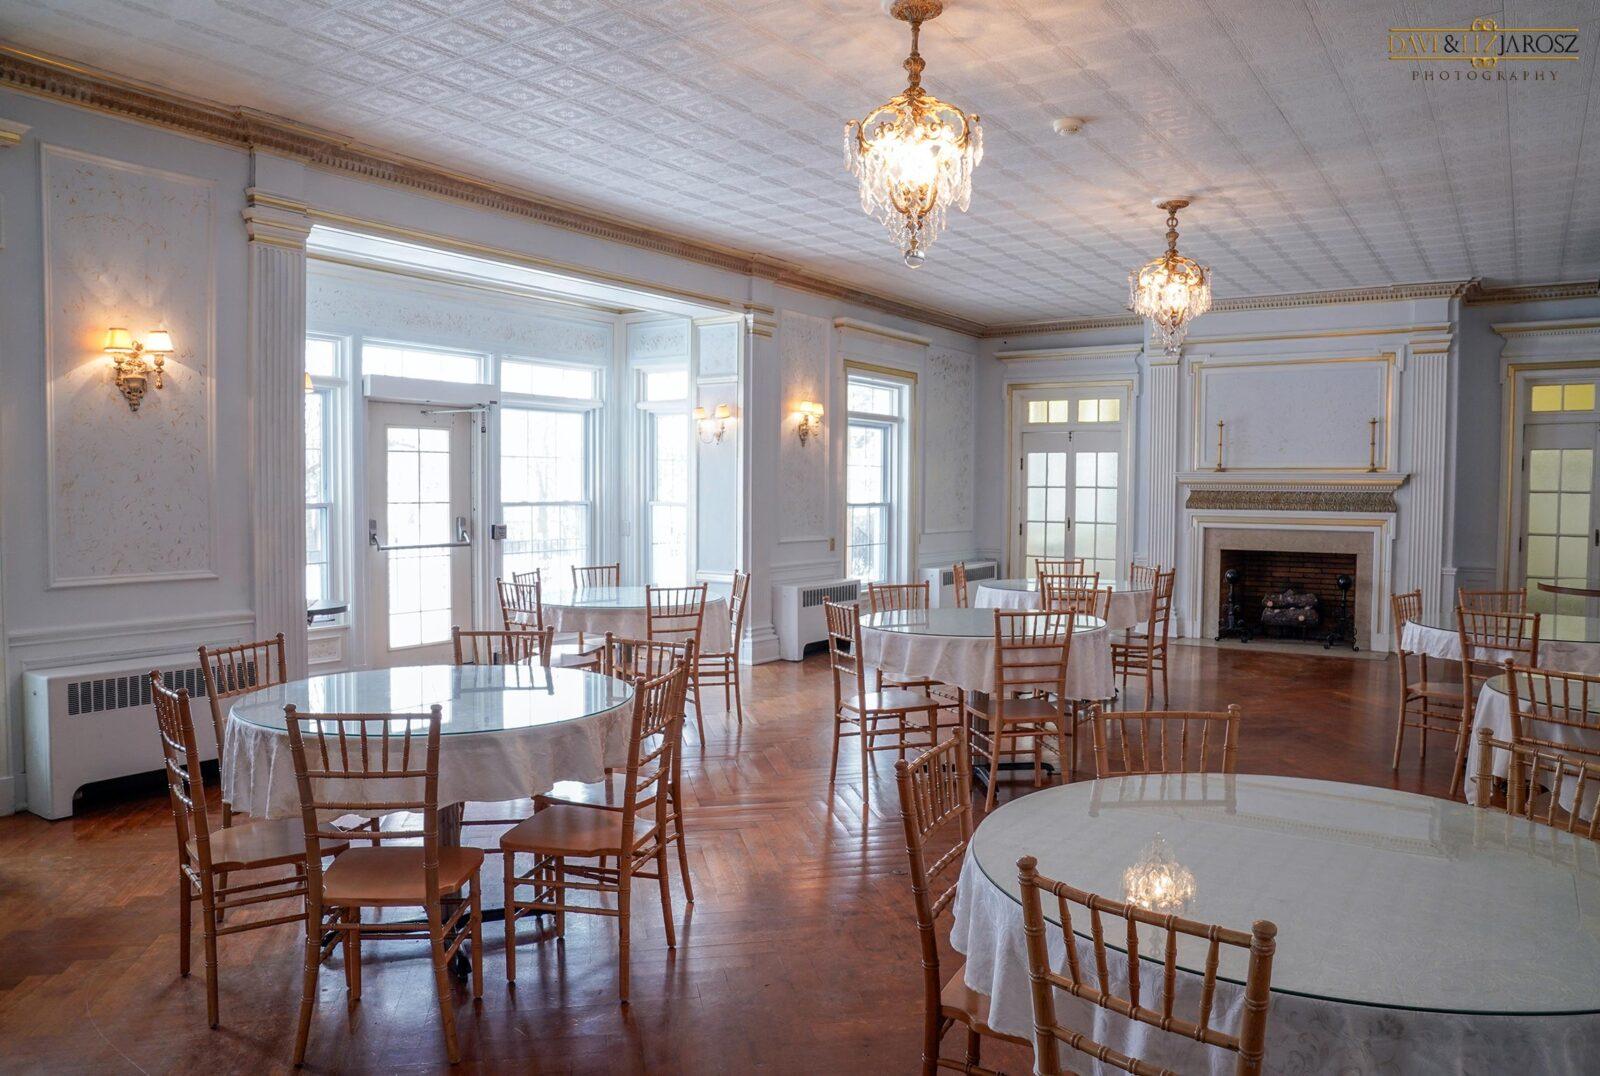 diningroomRight